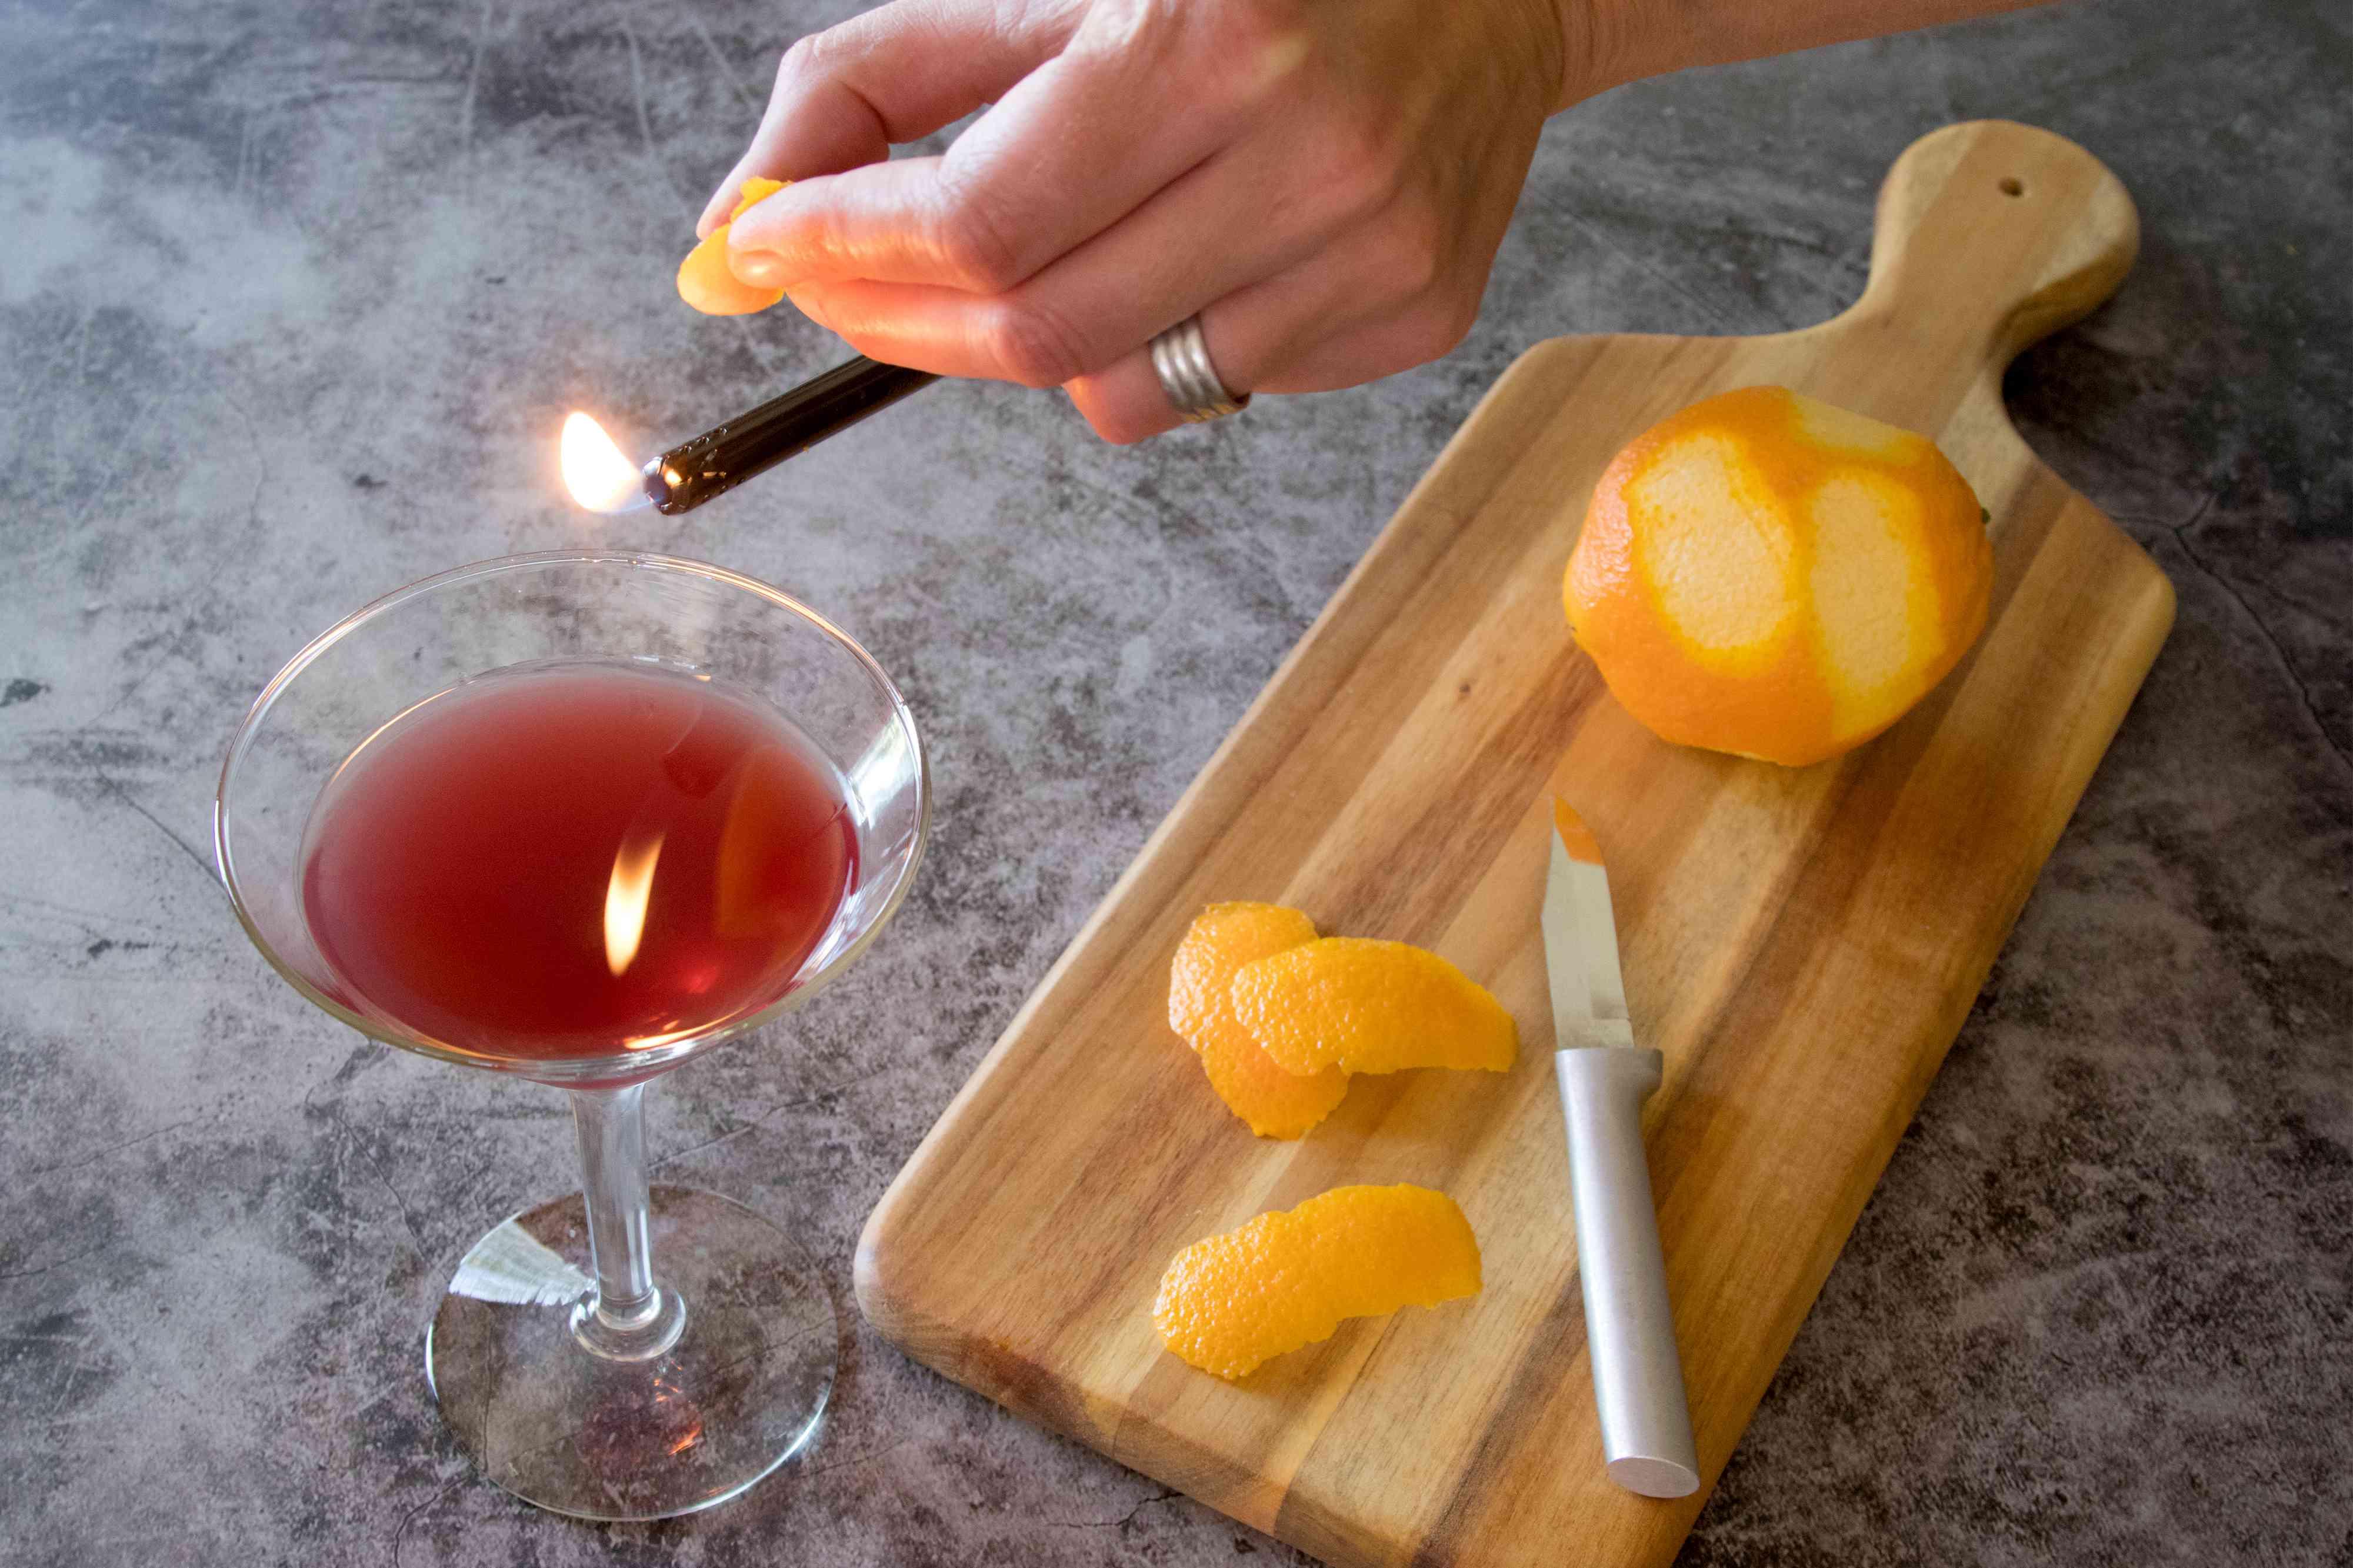 Flaming an Orange Peel